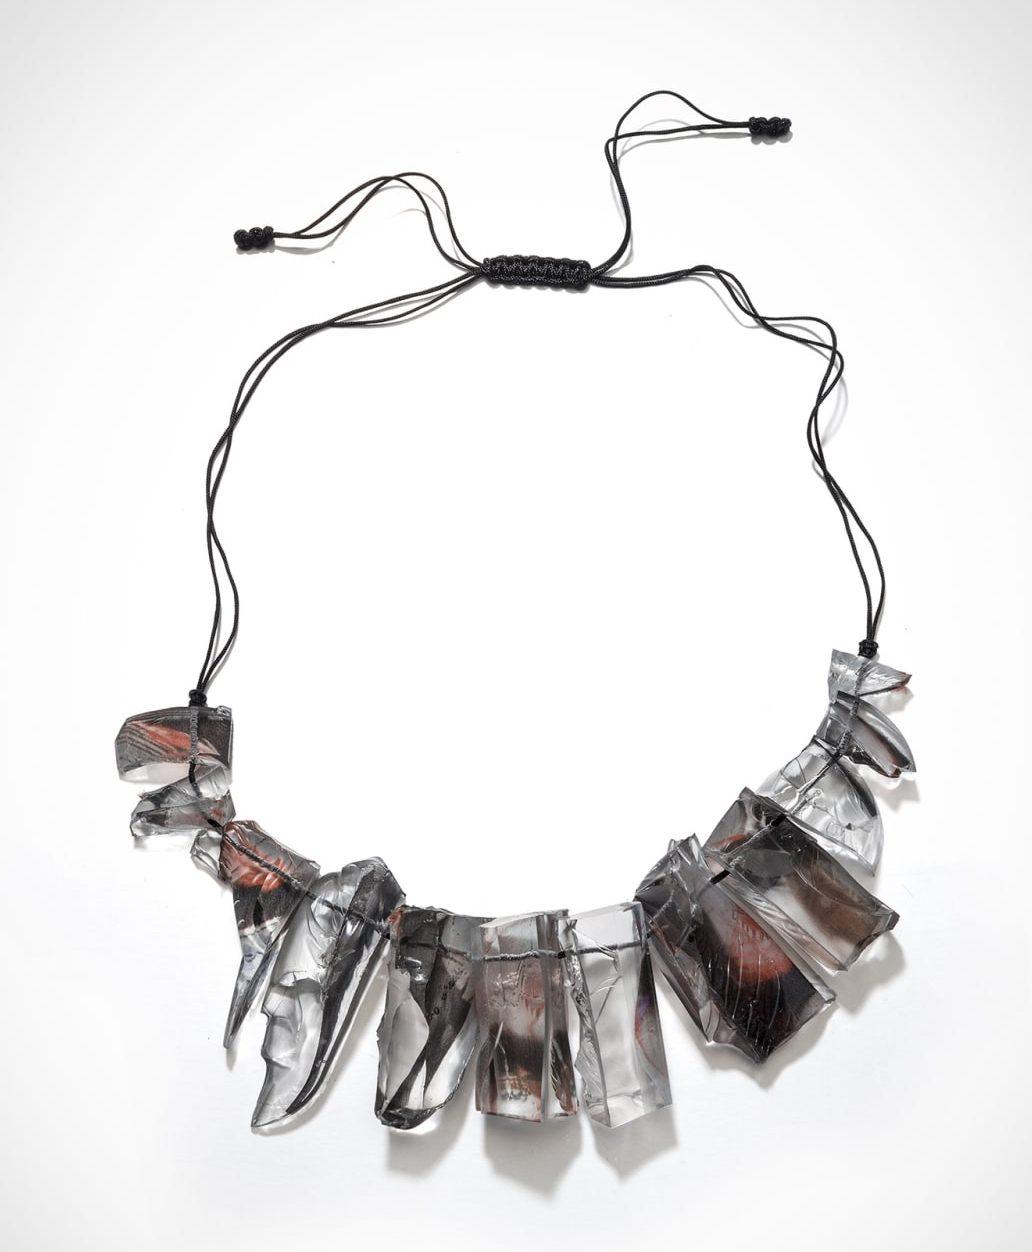 Ron Arad, Rocks Necklace, halssieraad, 2016, silicone, zijde